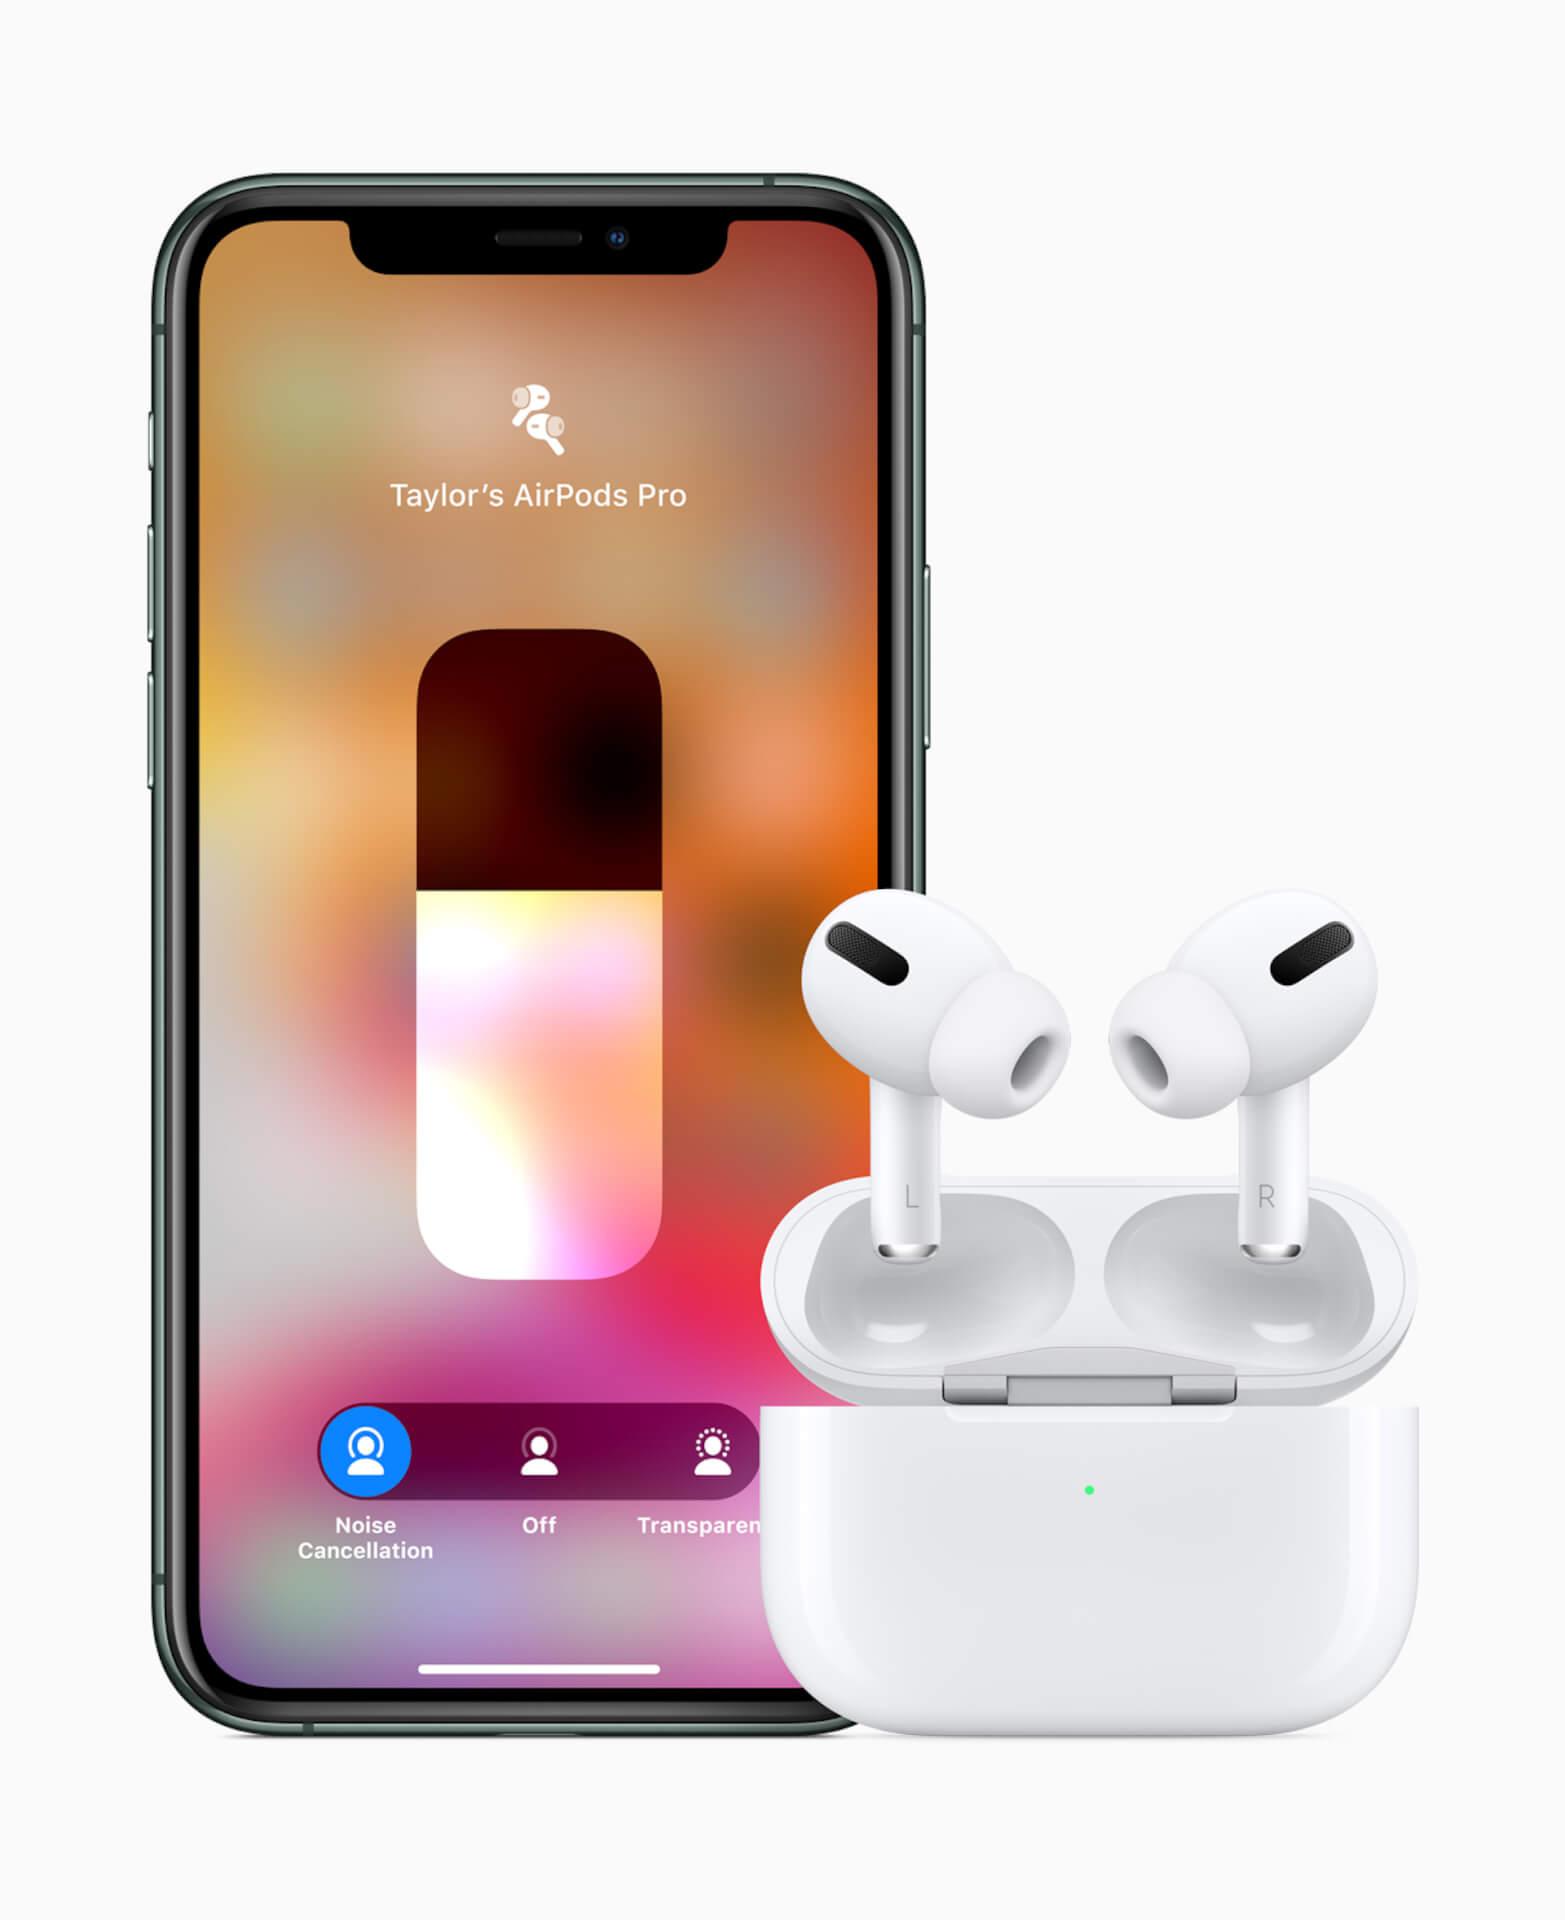 今年中にAppleが「AirPods Pro Lite」を発表?新型iPad、Apple Watch、iMacも開発中か tech200212_airpodspro_main